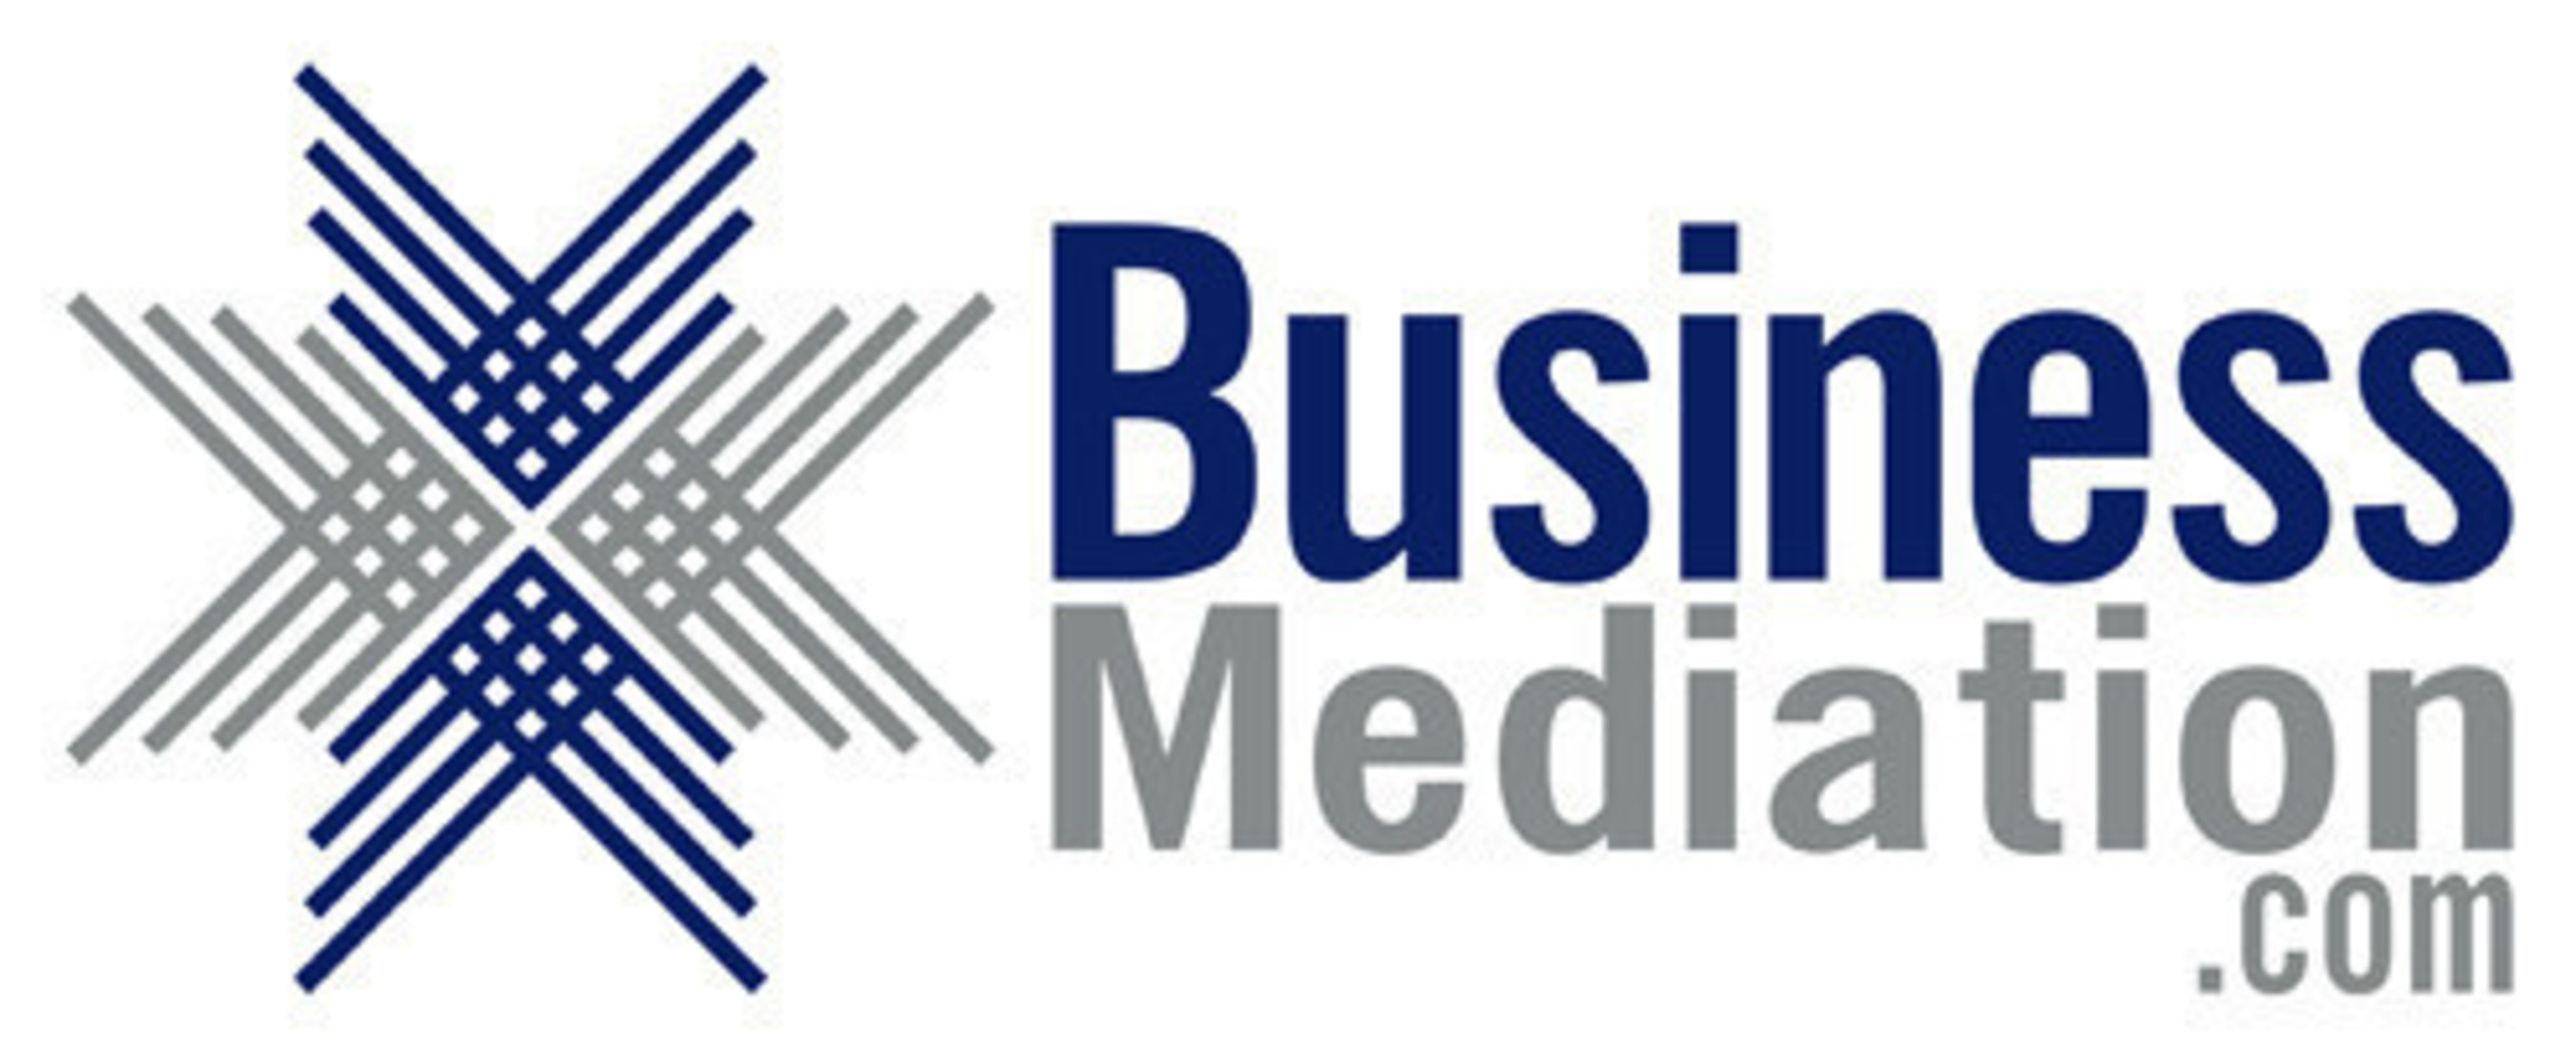 BusinessMediation.com